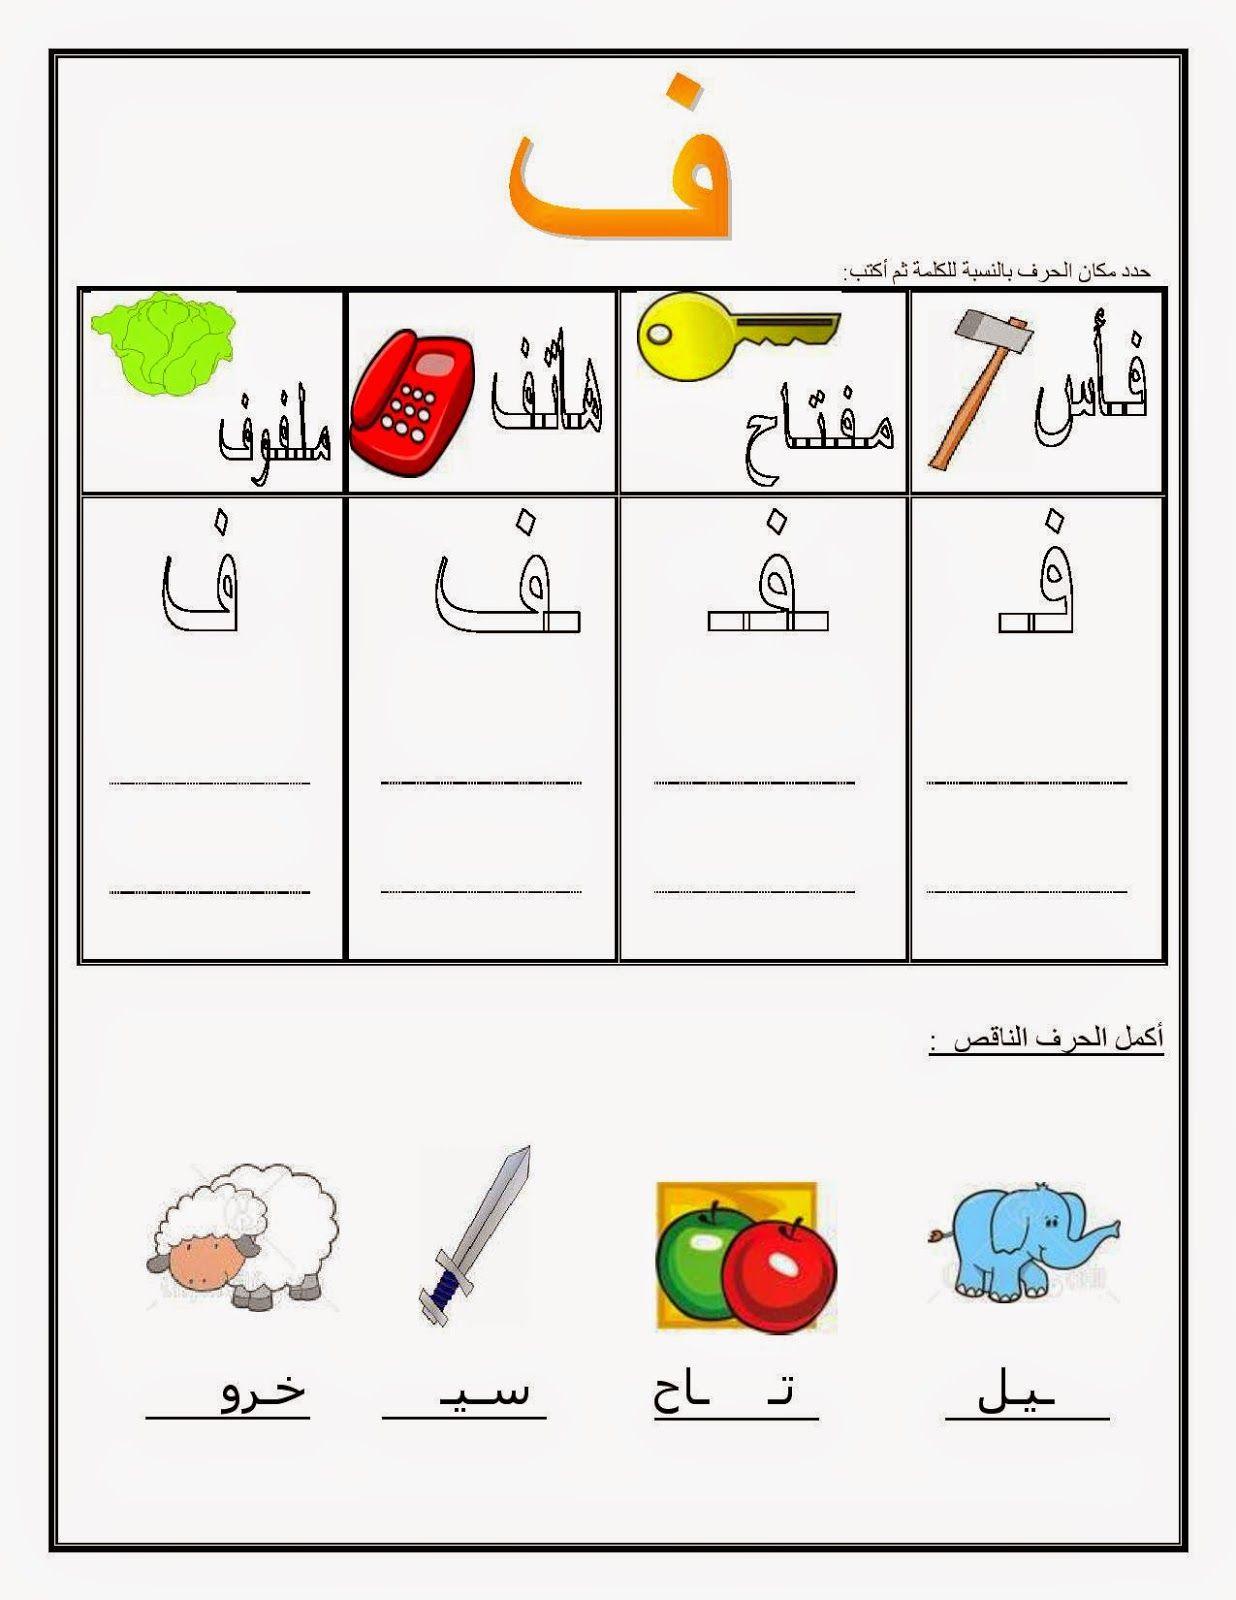 Pin von s arkam auf كلمات وحروف | Pinterest | Arabisch, Arabisch ...